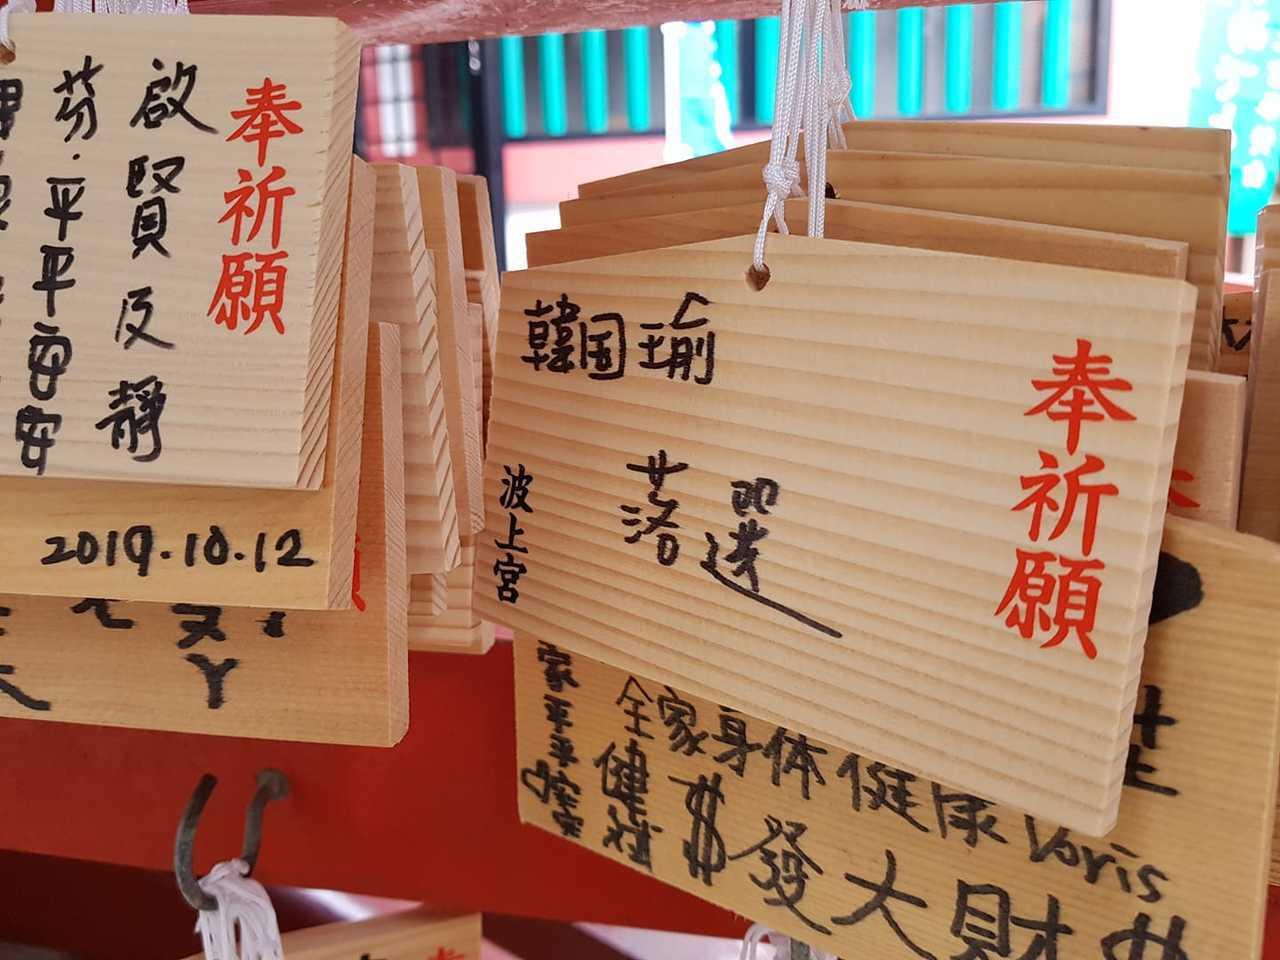 在沖繩的波上宮許願牆上,可看見「韓國瑜落選」的許願牌。記者陳睿中/攝影